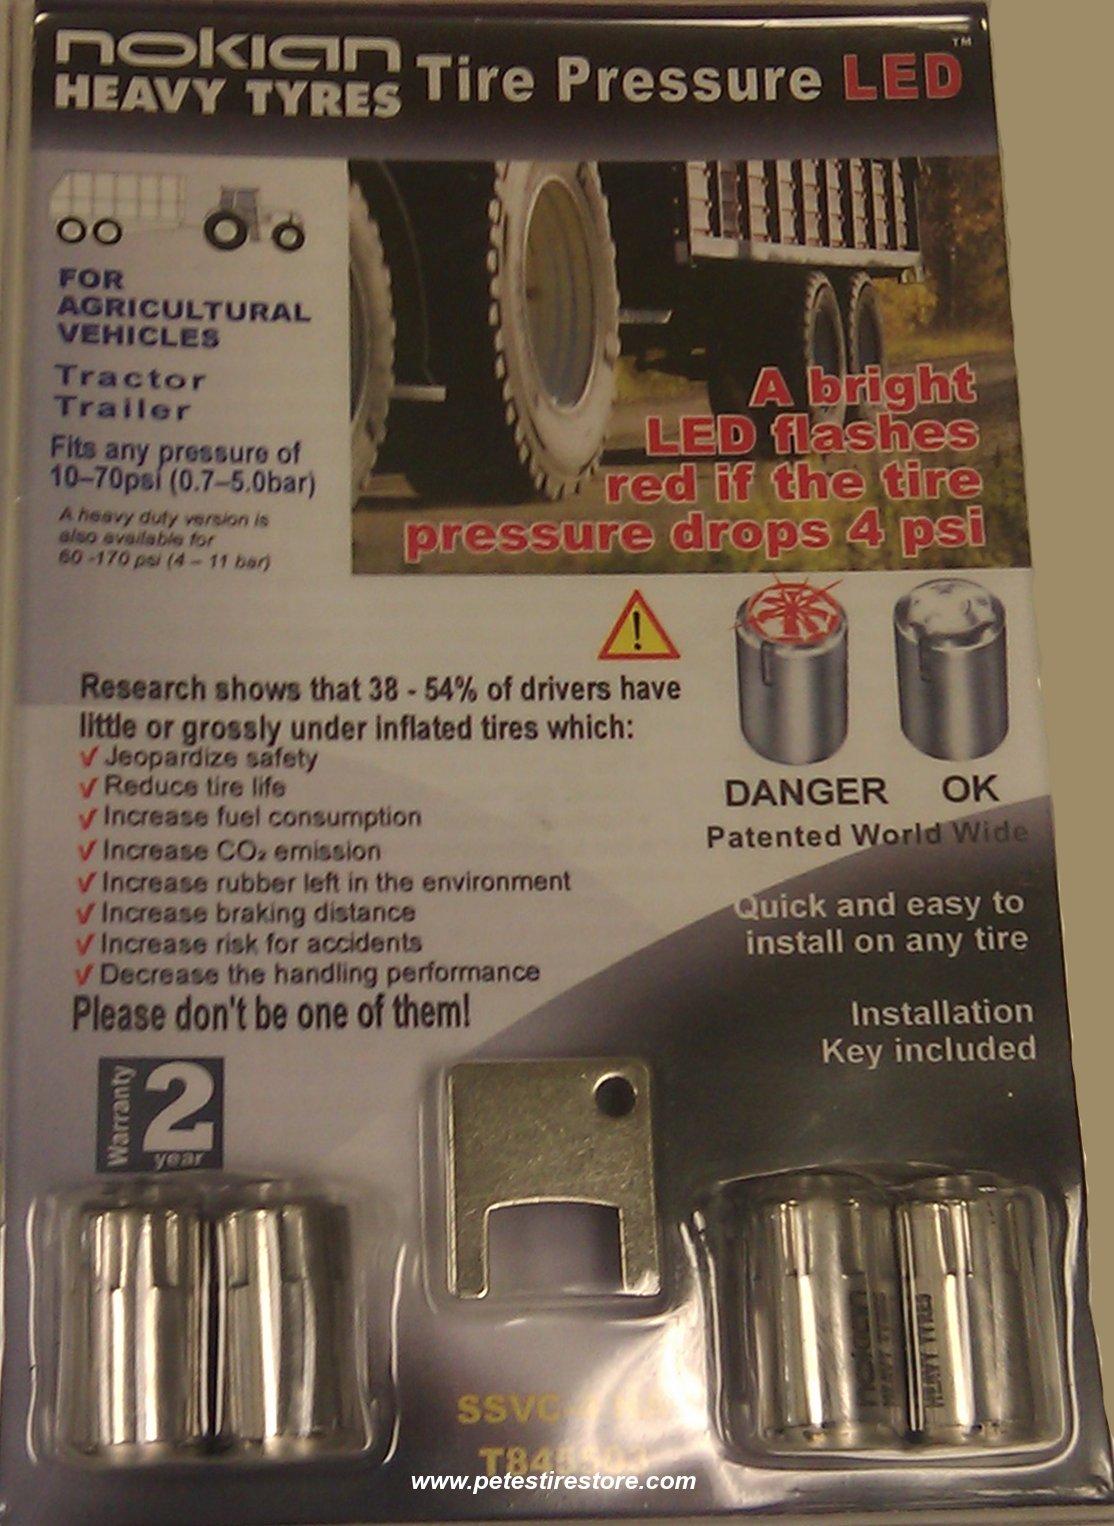 nokian low tire pressure led indicator low psi. Black Bedroom Furniture Sets. Home Design Ideas